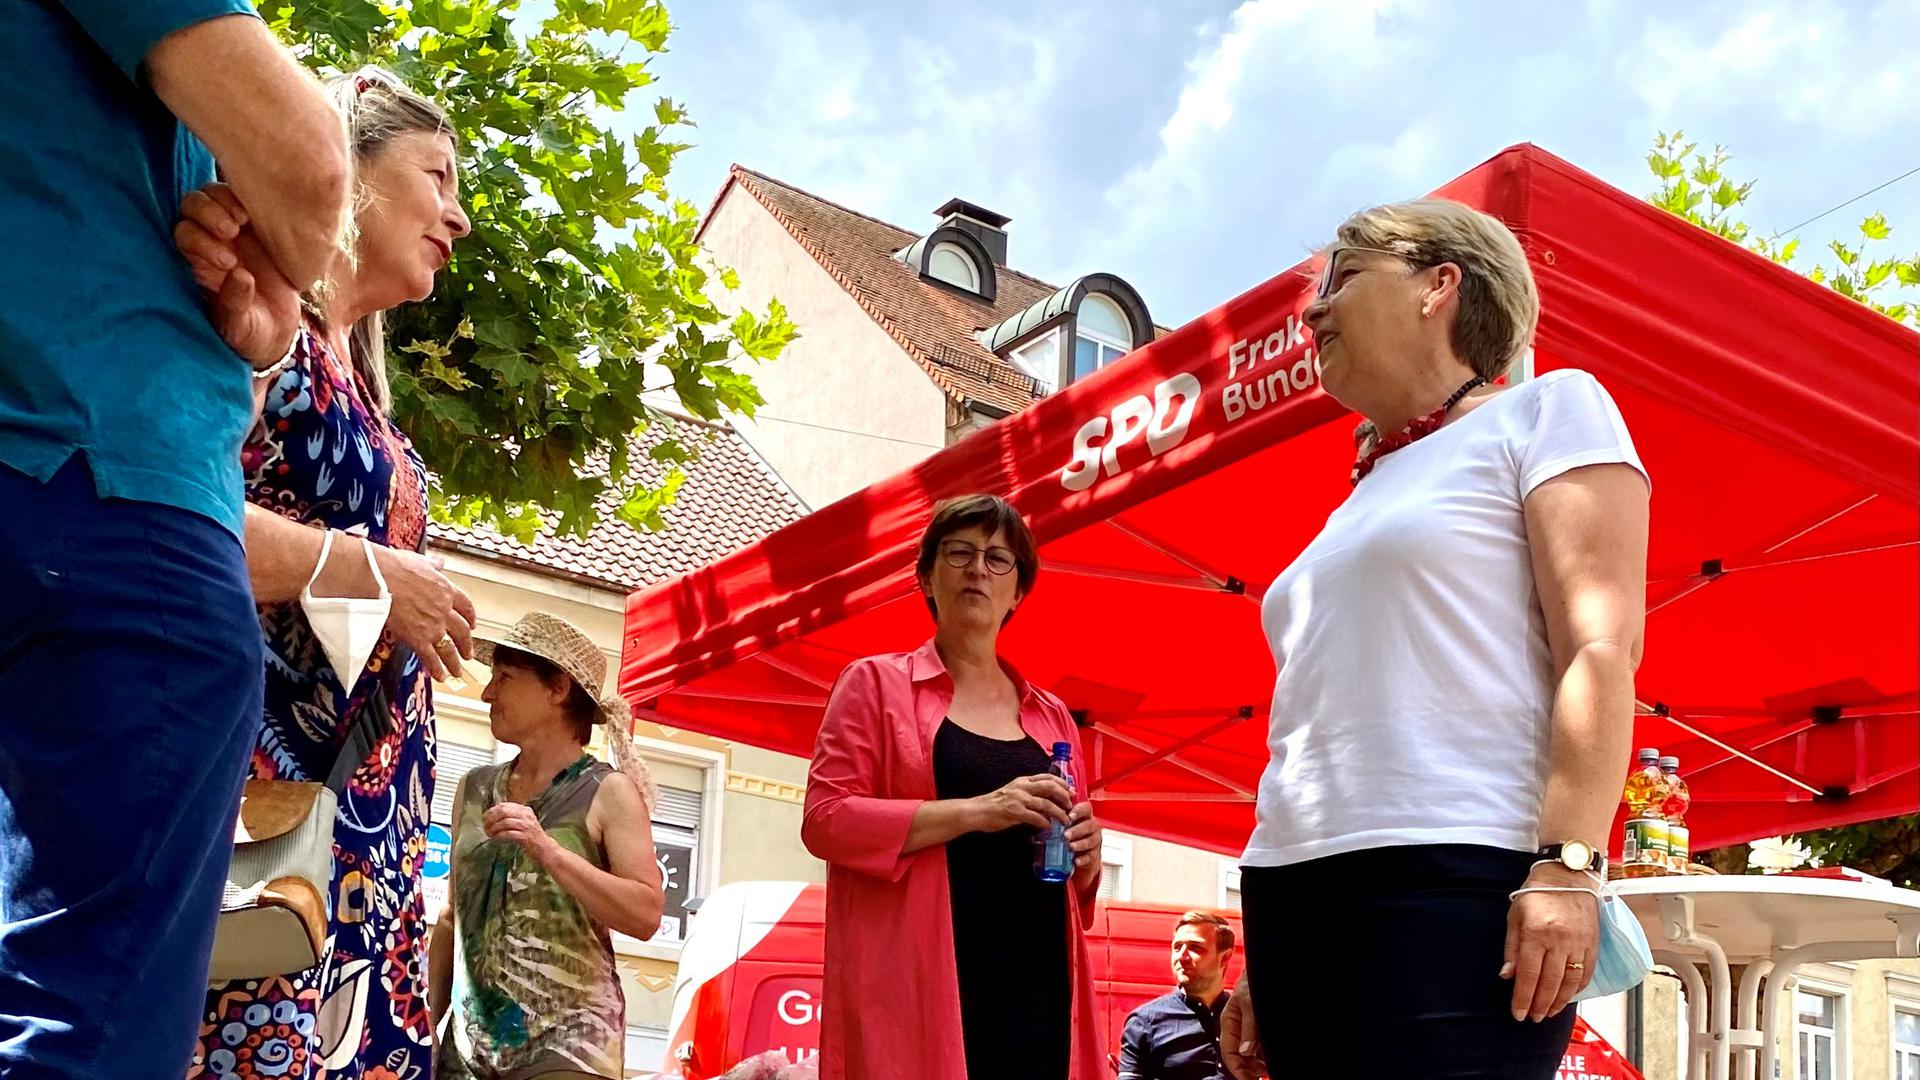 Saskia Esken am SPD-Wahlkampfstand auf dem Rastatter Marktplatz.